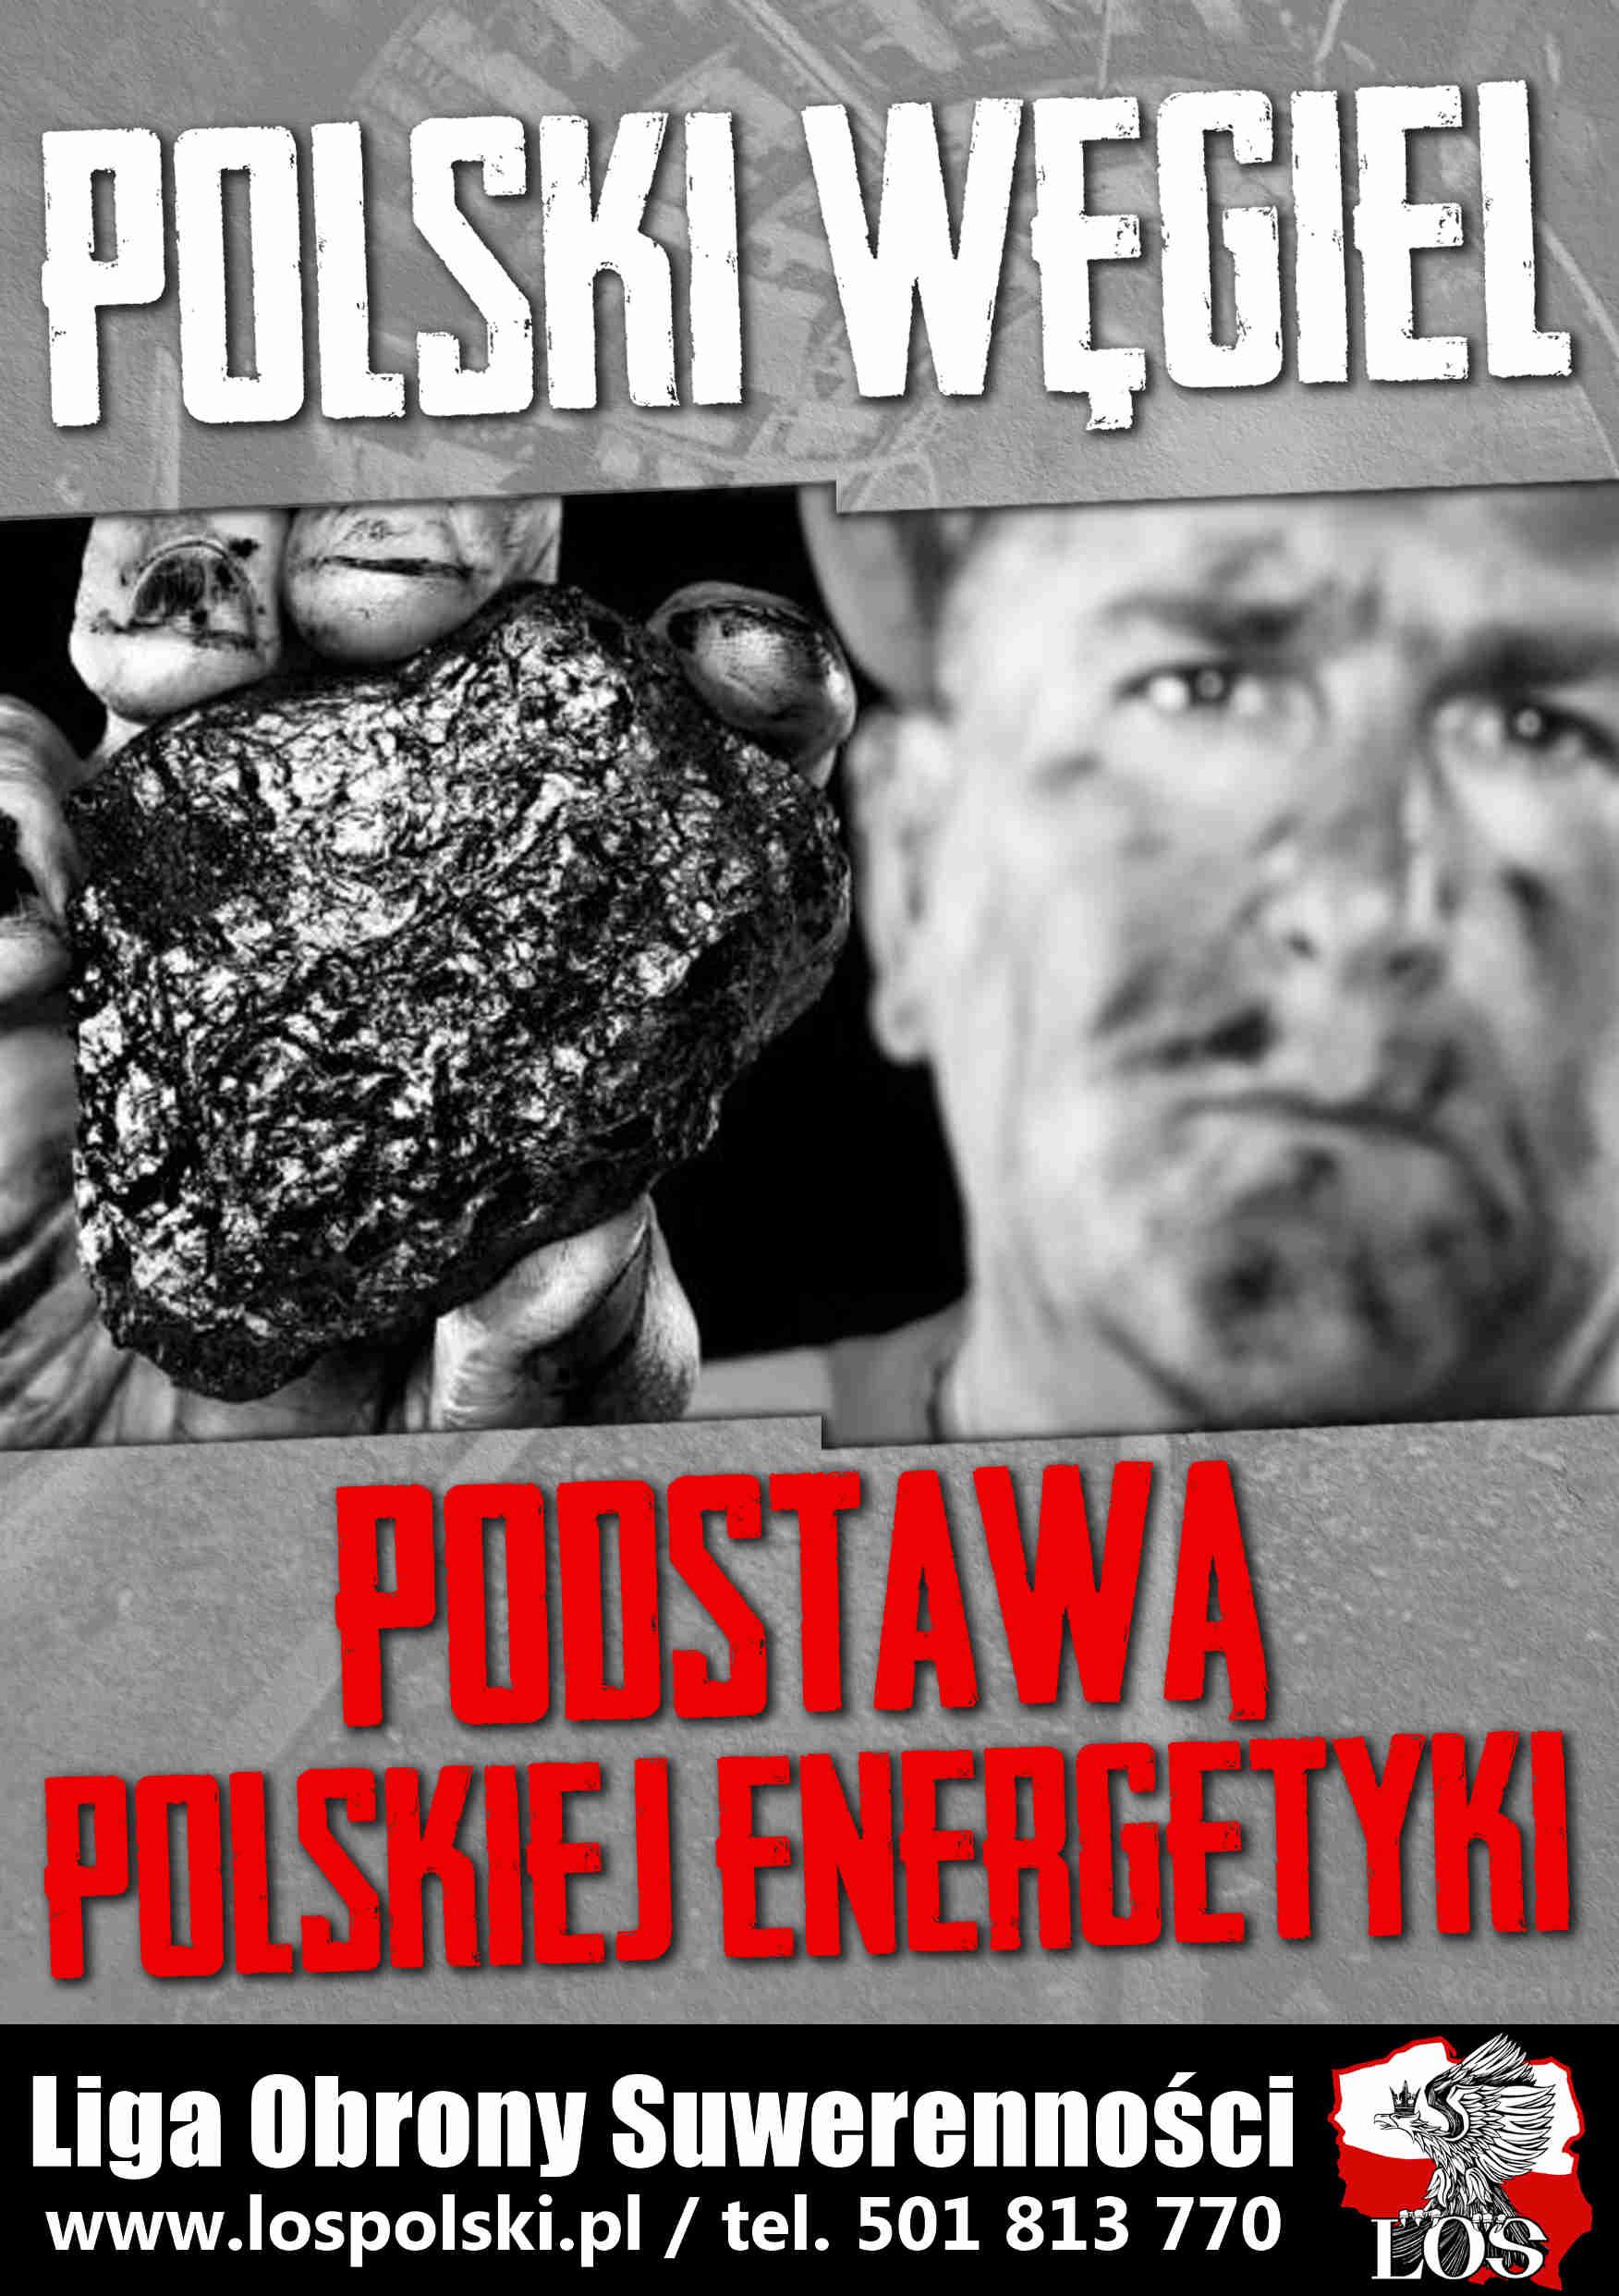 Polski węgiel podstawą polskiej energetyki!